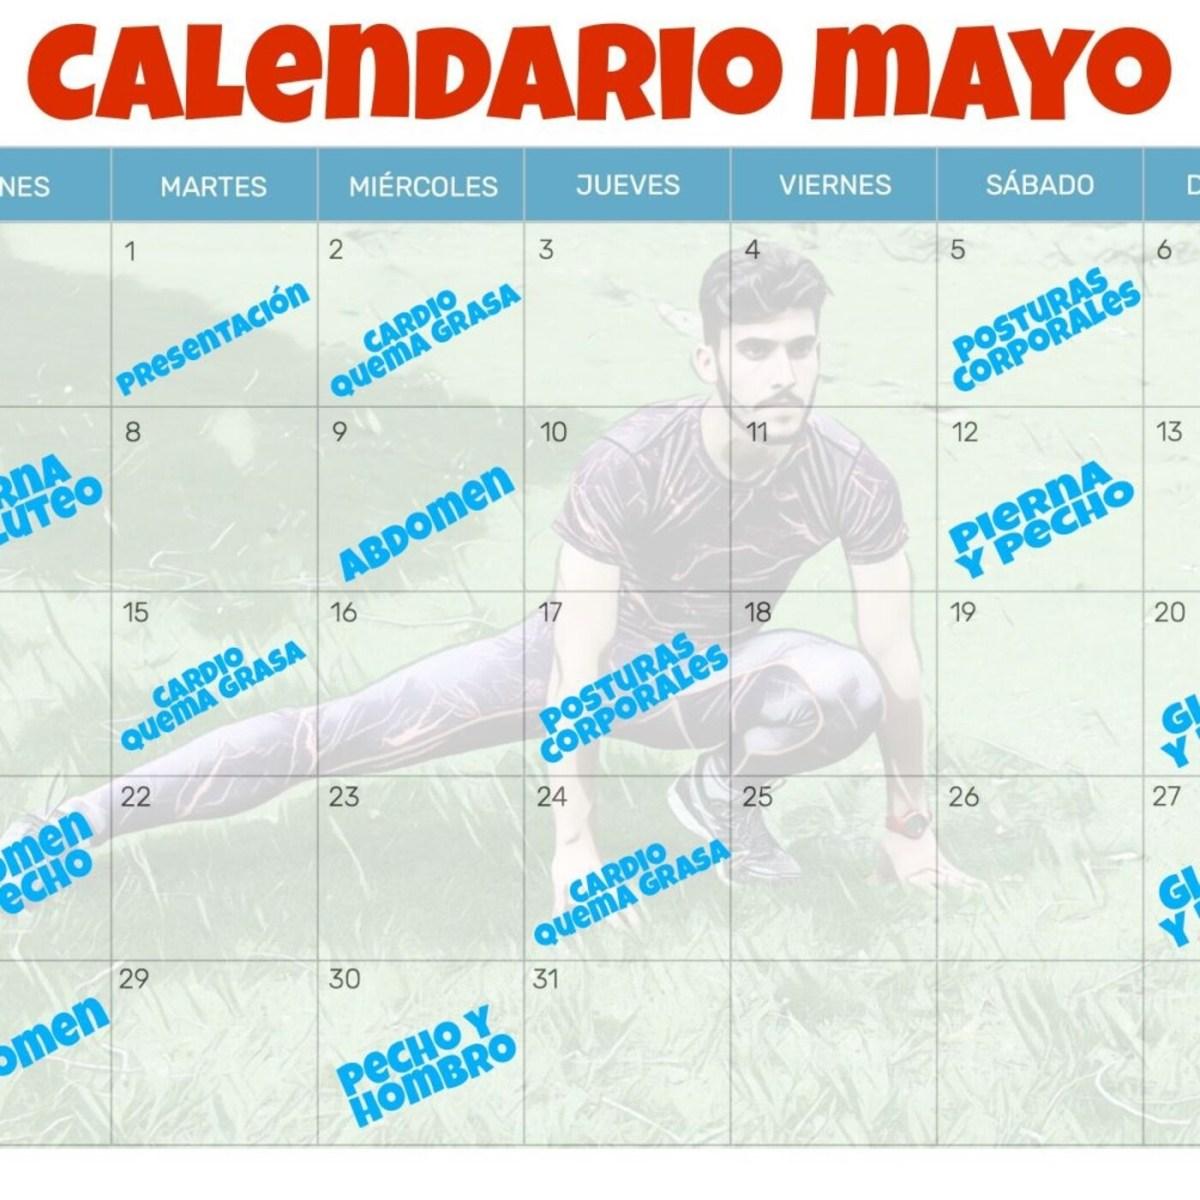 El calendario deportivo de mayo 2021